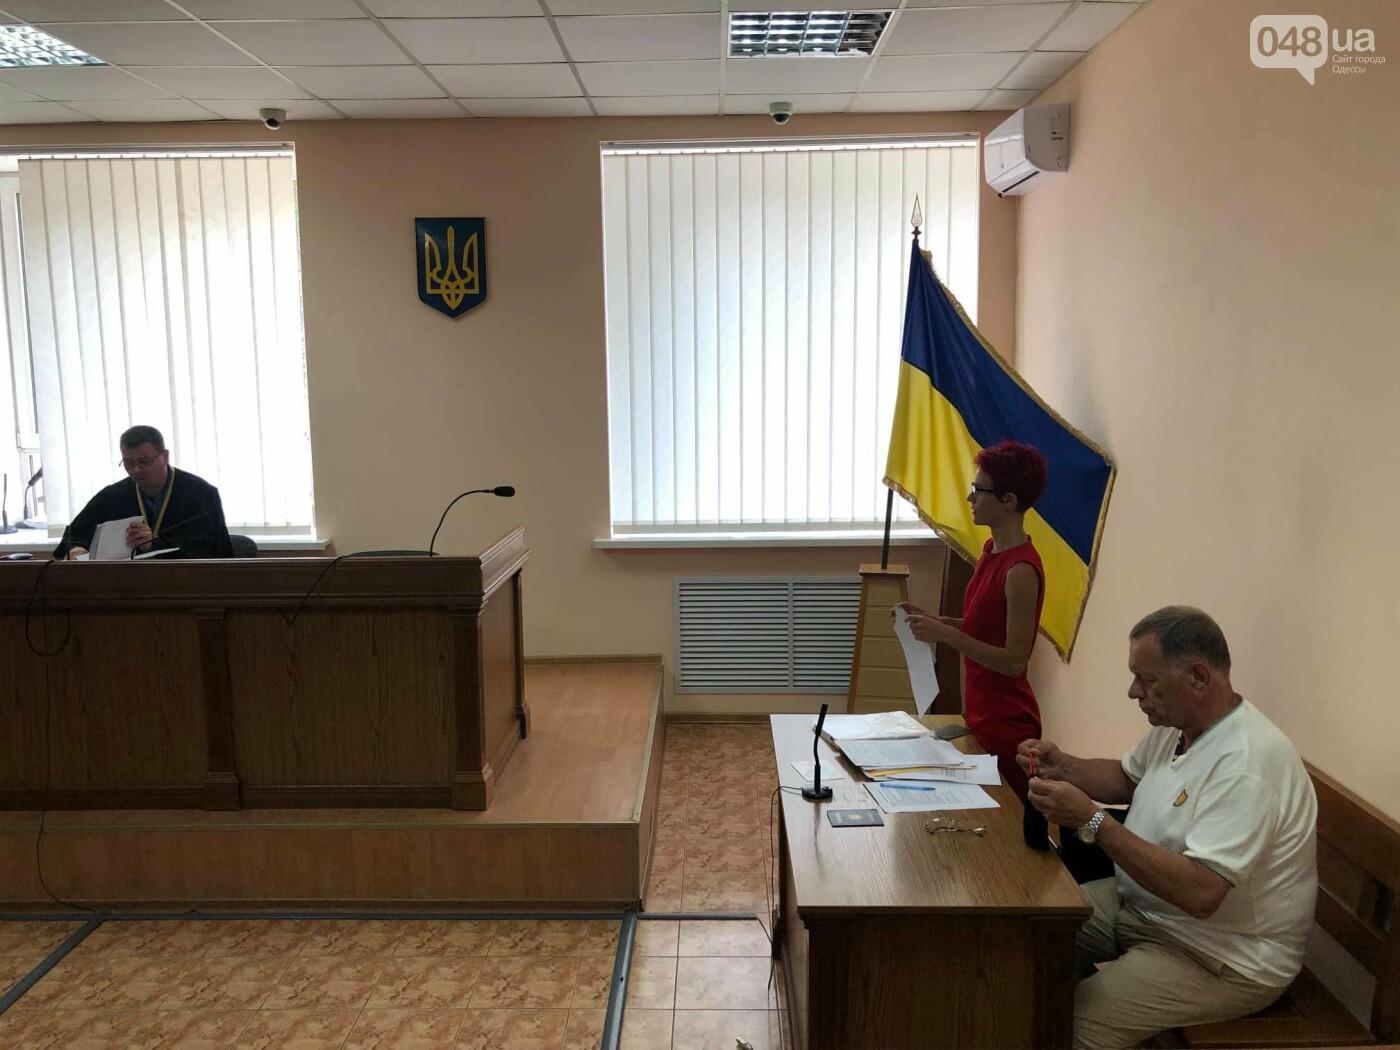 В Одессе идет суд по делу Катерины Гандзюк: прокурор и обвиняемый не явились , фото-3